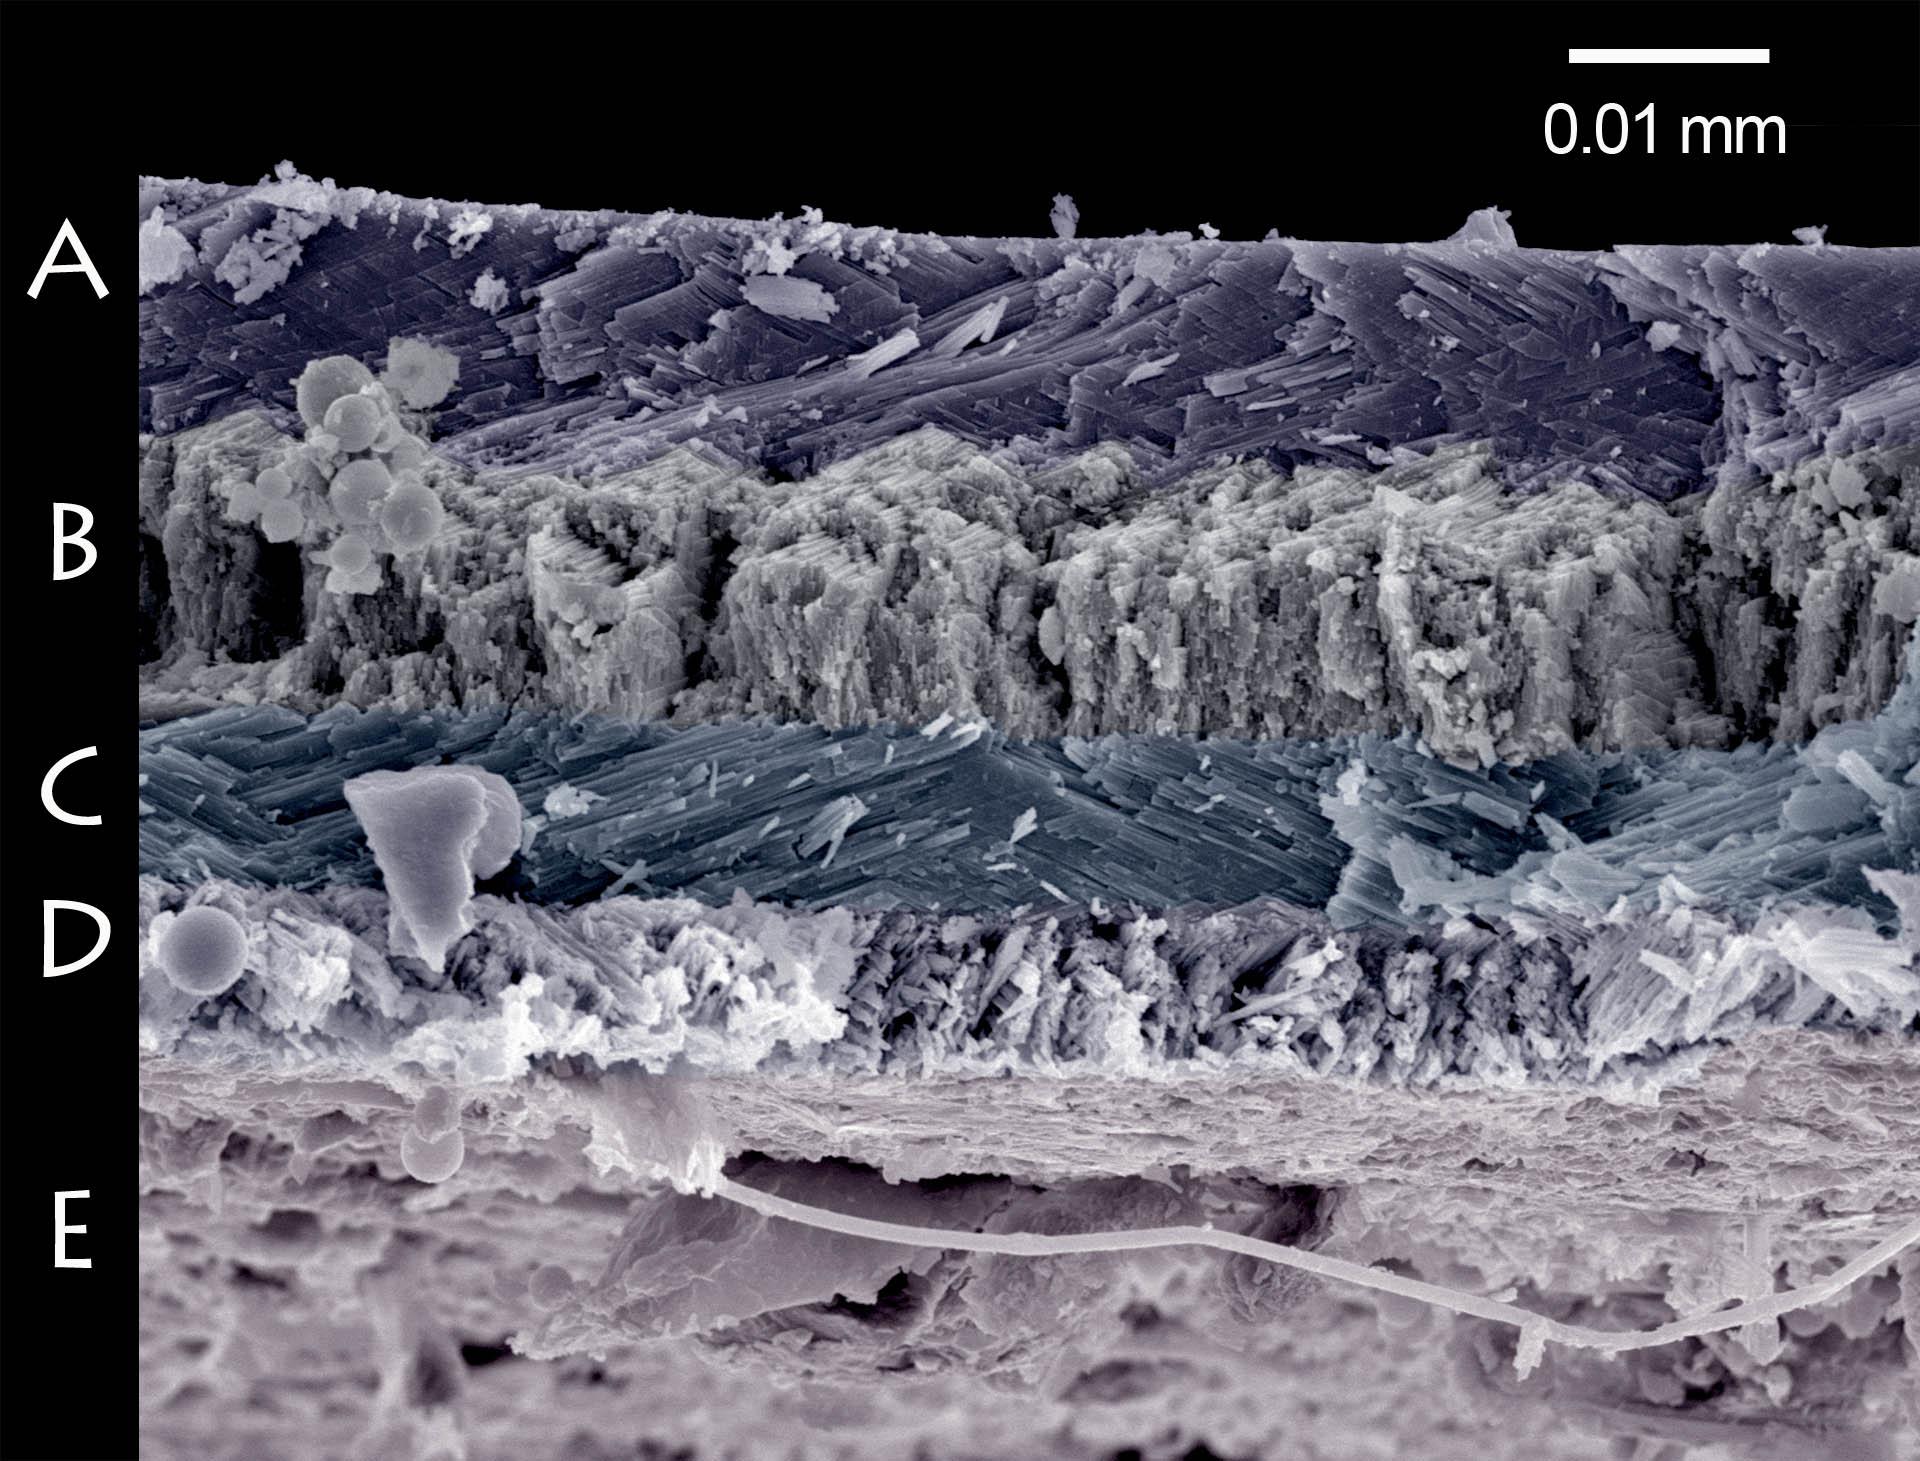 Lom schránky hlemýždě zahradního ( Helix pomatia ). Na snímku jsou patrné čtyři vrstvy lamelární struktury (písmena A–D), ze kterých je schránka složena. Vnější povrch ulity představuje spodní hranu lomu (E).